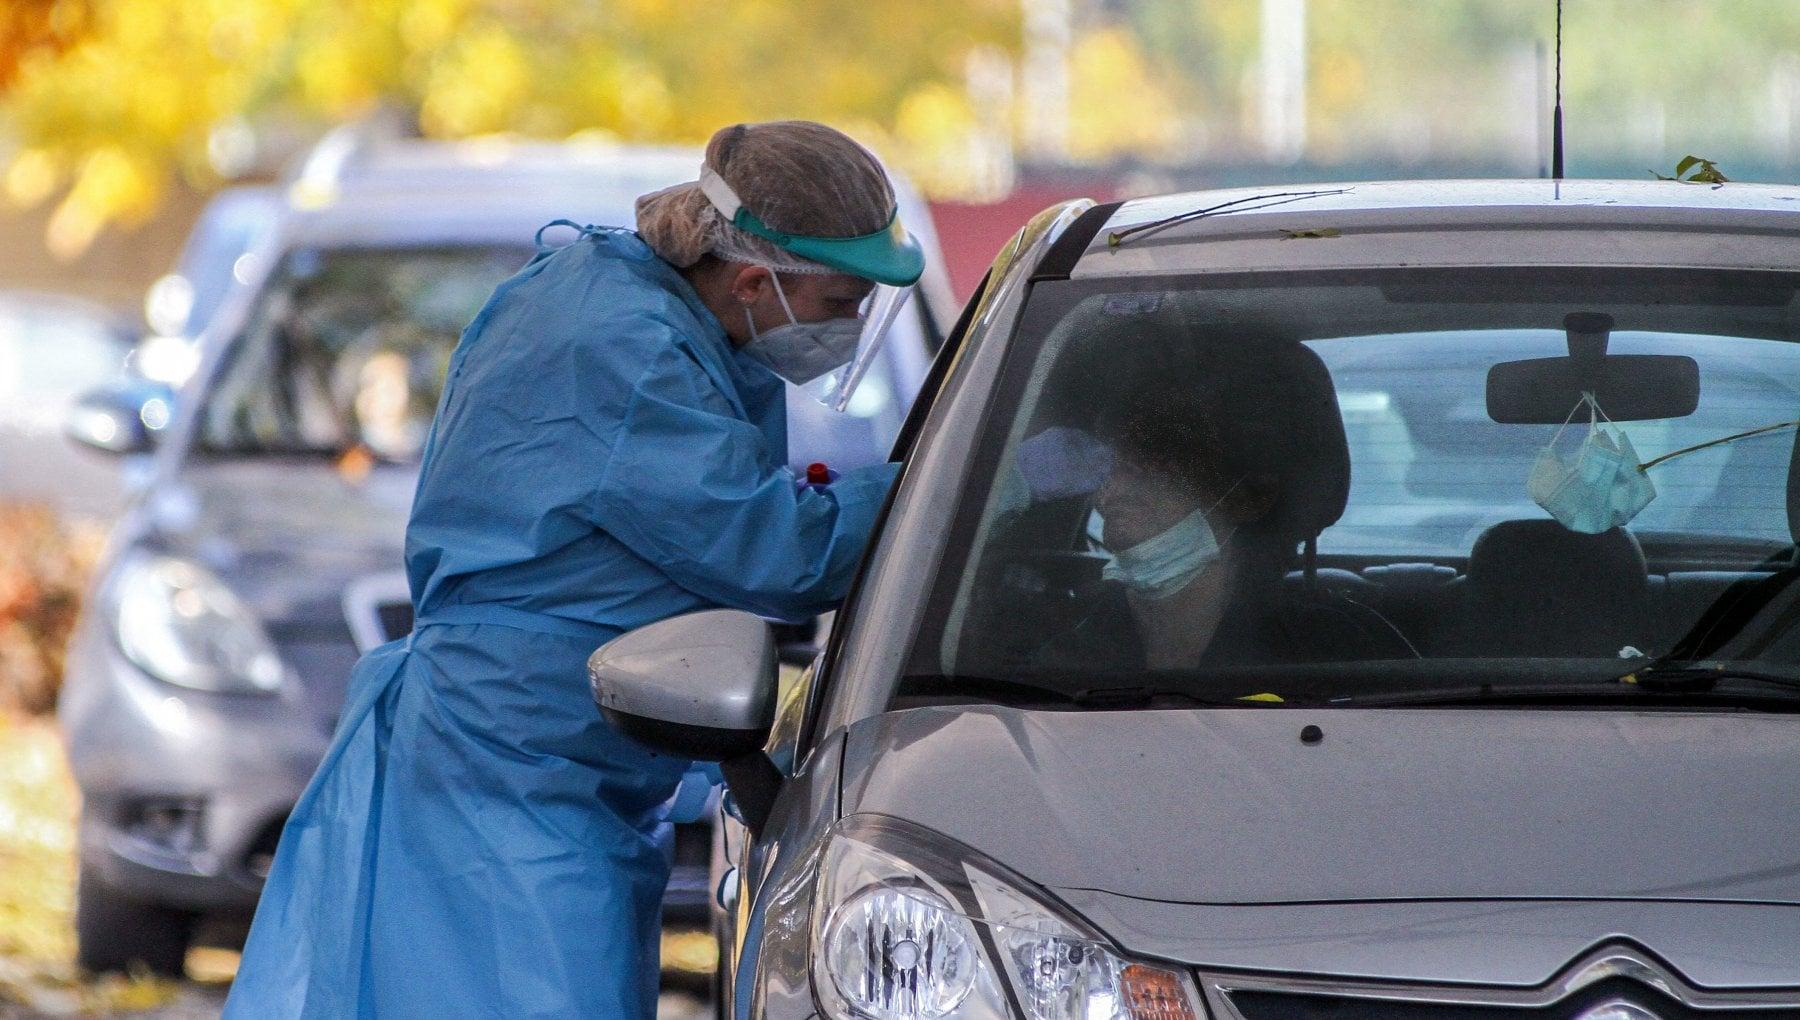 Sardegna il tampone e unodissea A 70 anni costretti a tre ore in viaggio con la febbre alta